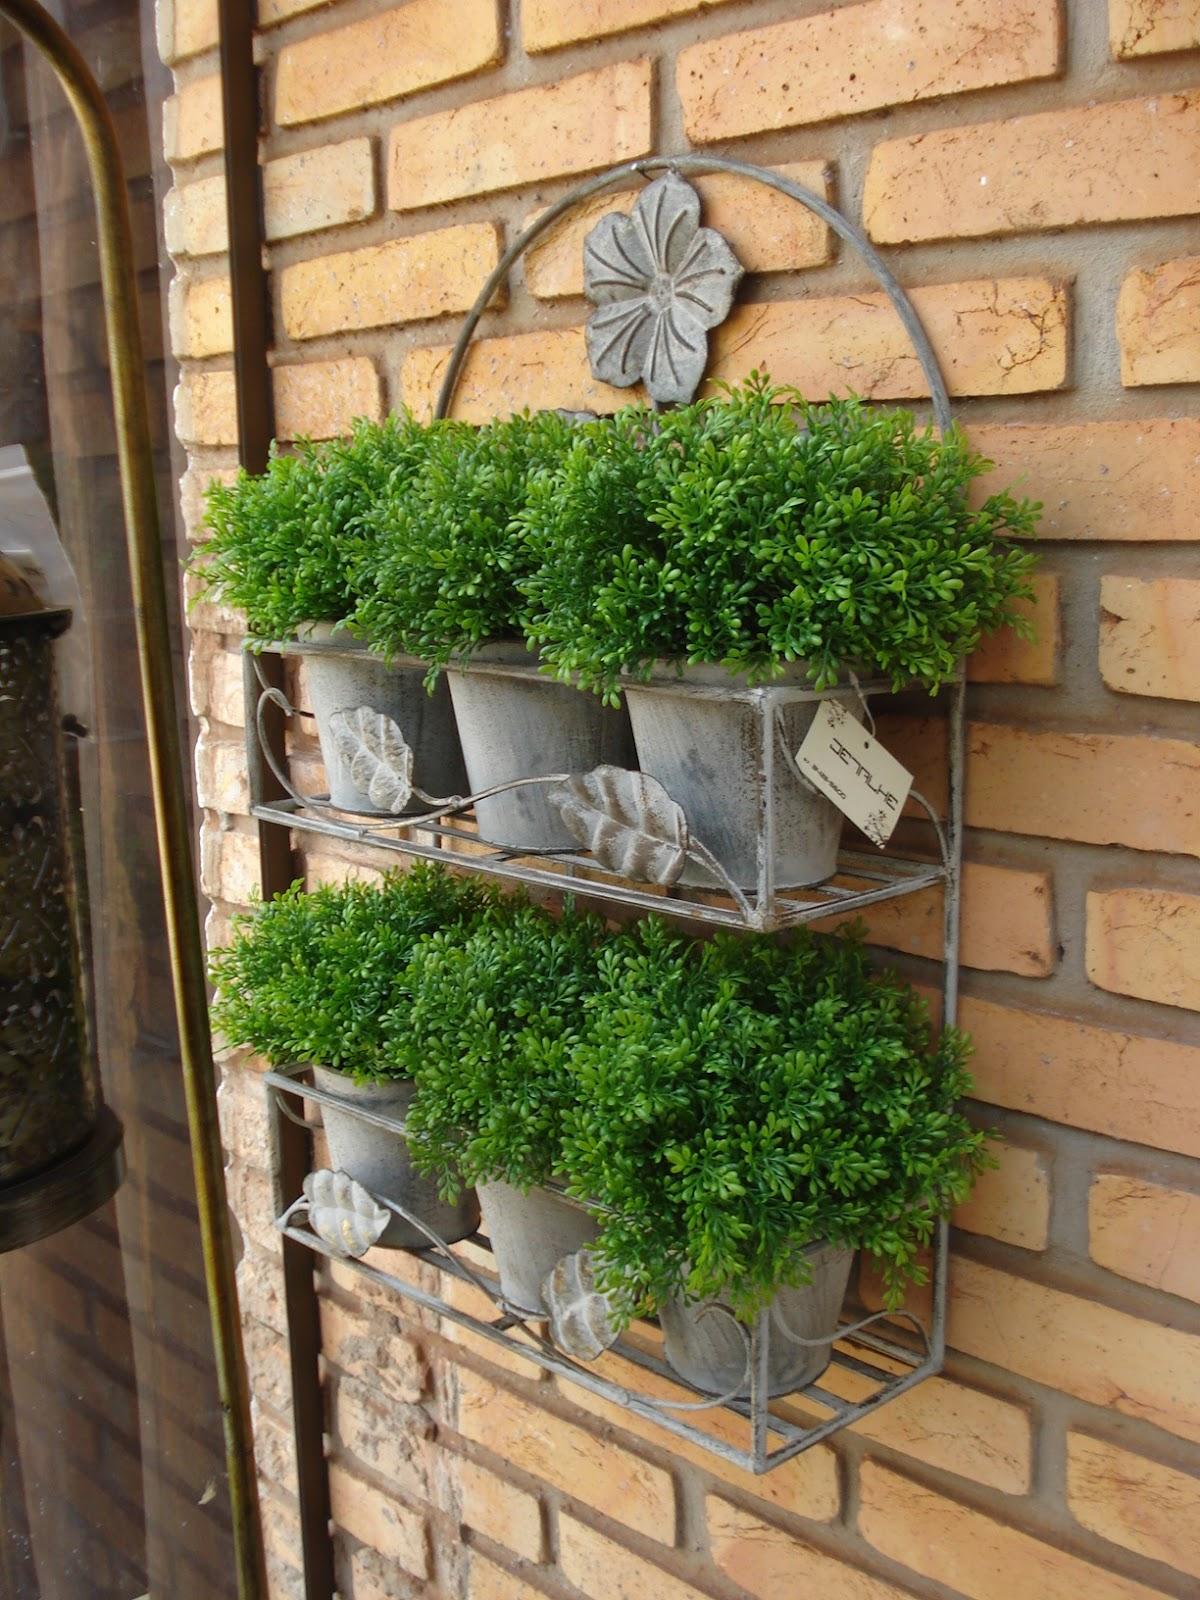 #3E691E Janelas descartadas fixas na parede como suporte. Ou floreiras que  566 Janelas Em Arco De Ferro